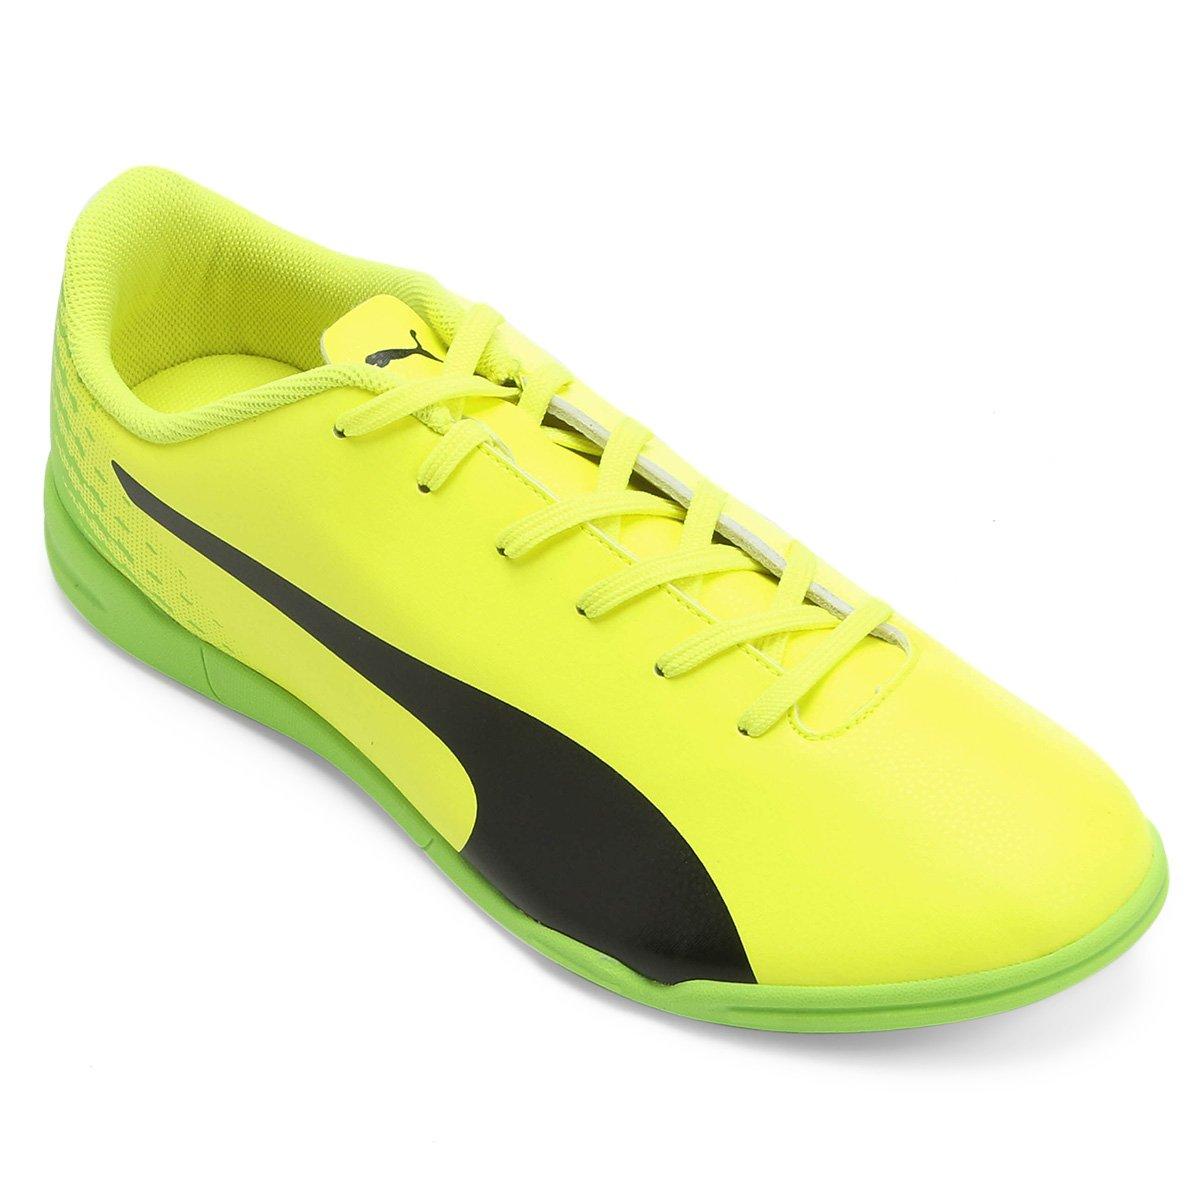 1d4abae75da Chuteira Futsal Puma Evospeed 17.5 IT - Compre Agora